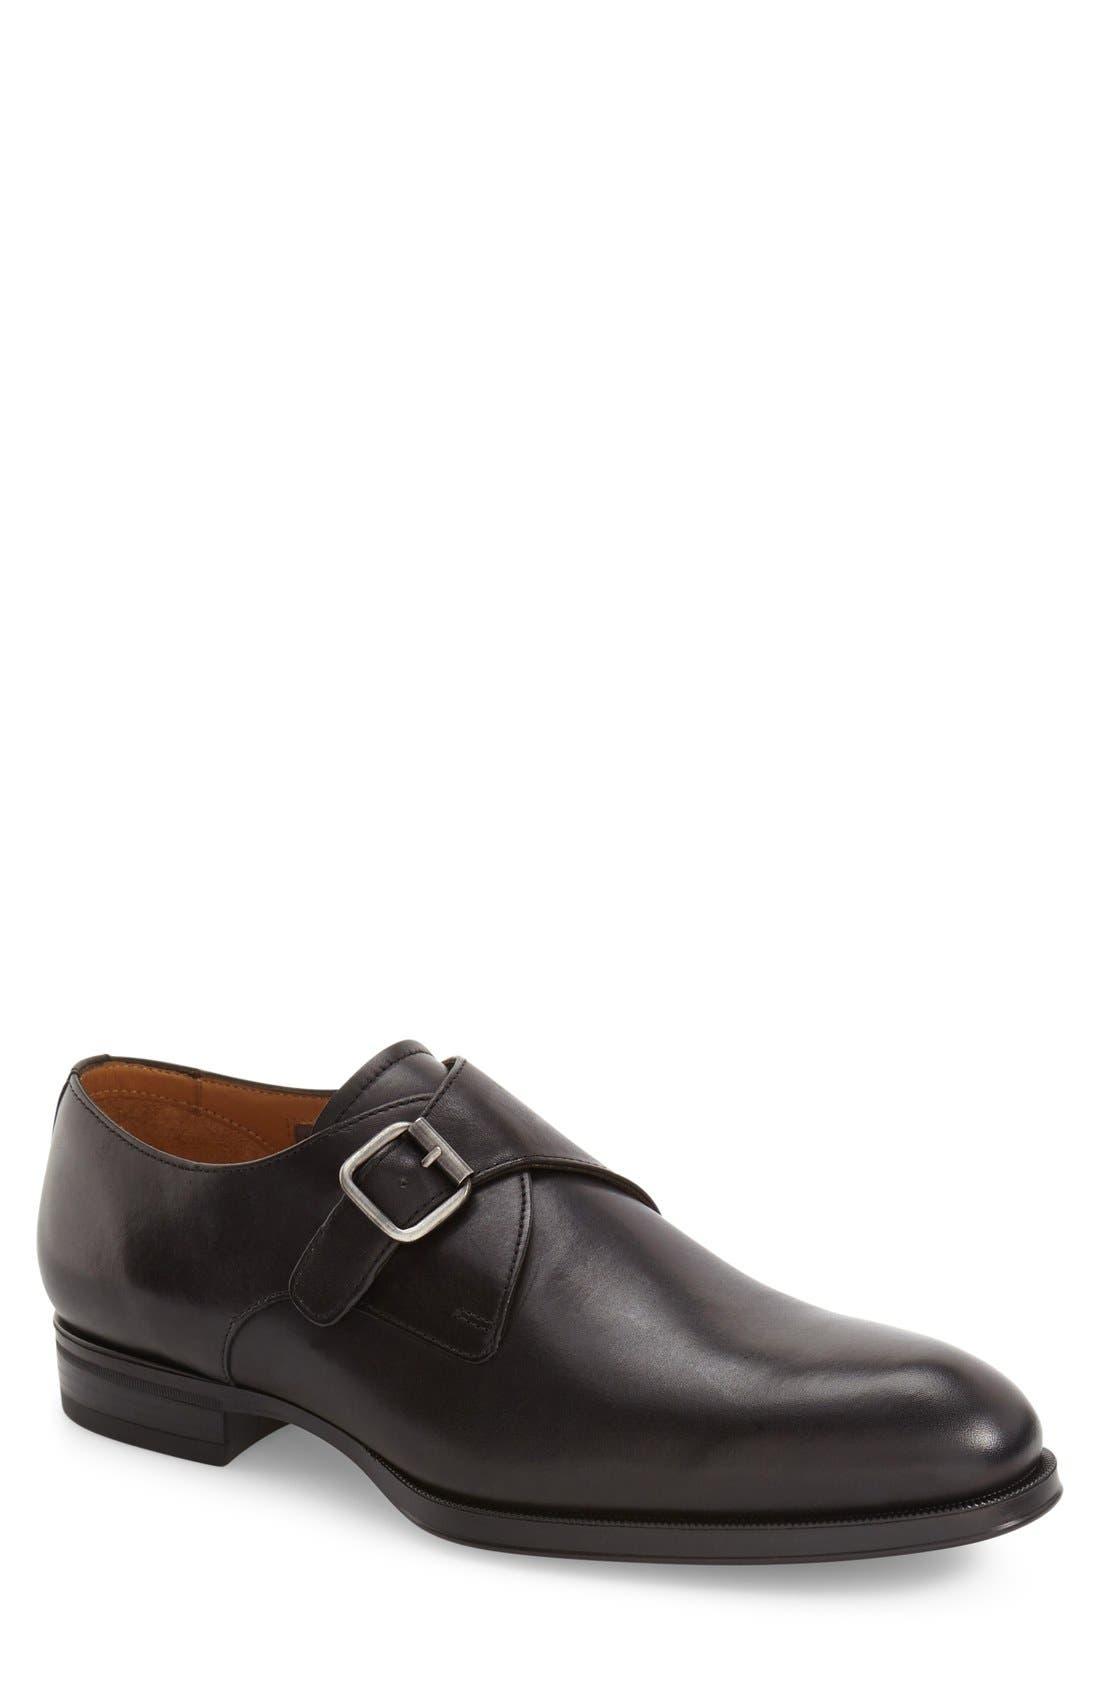 'Trifolo' Monk Strap Shoe,                         Main,                         color, Black Leather